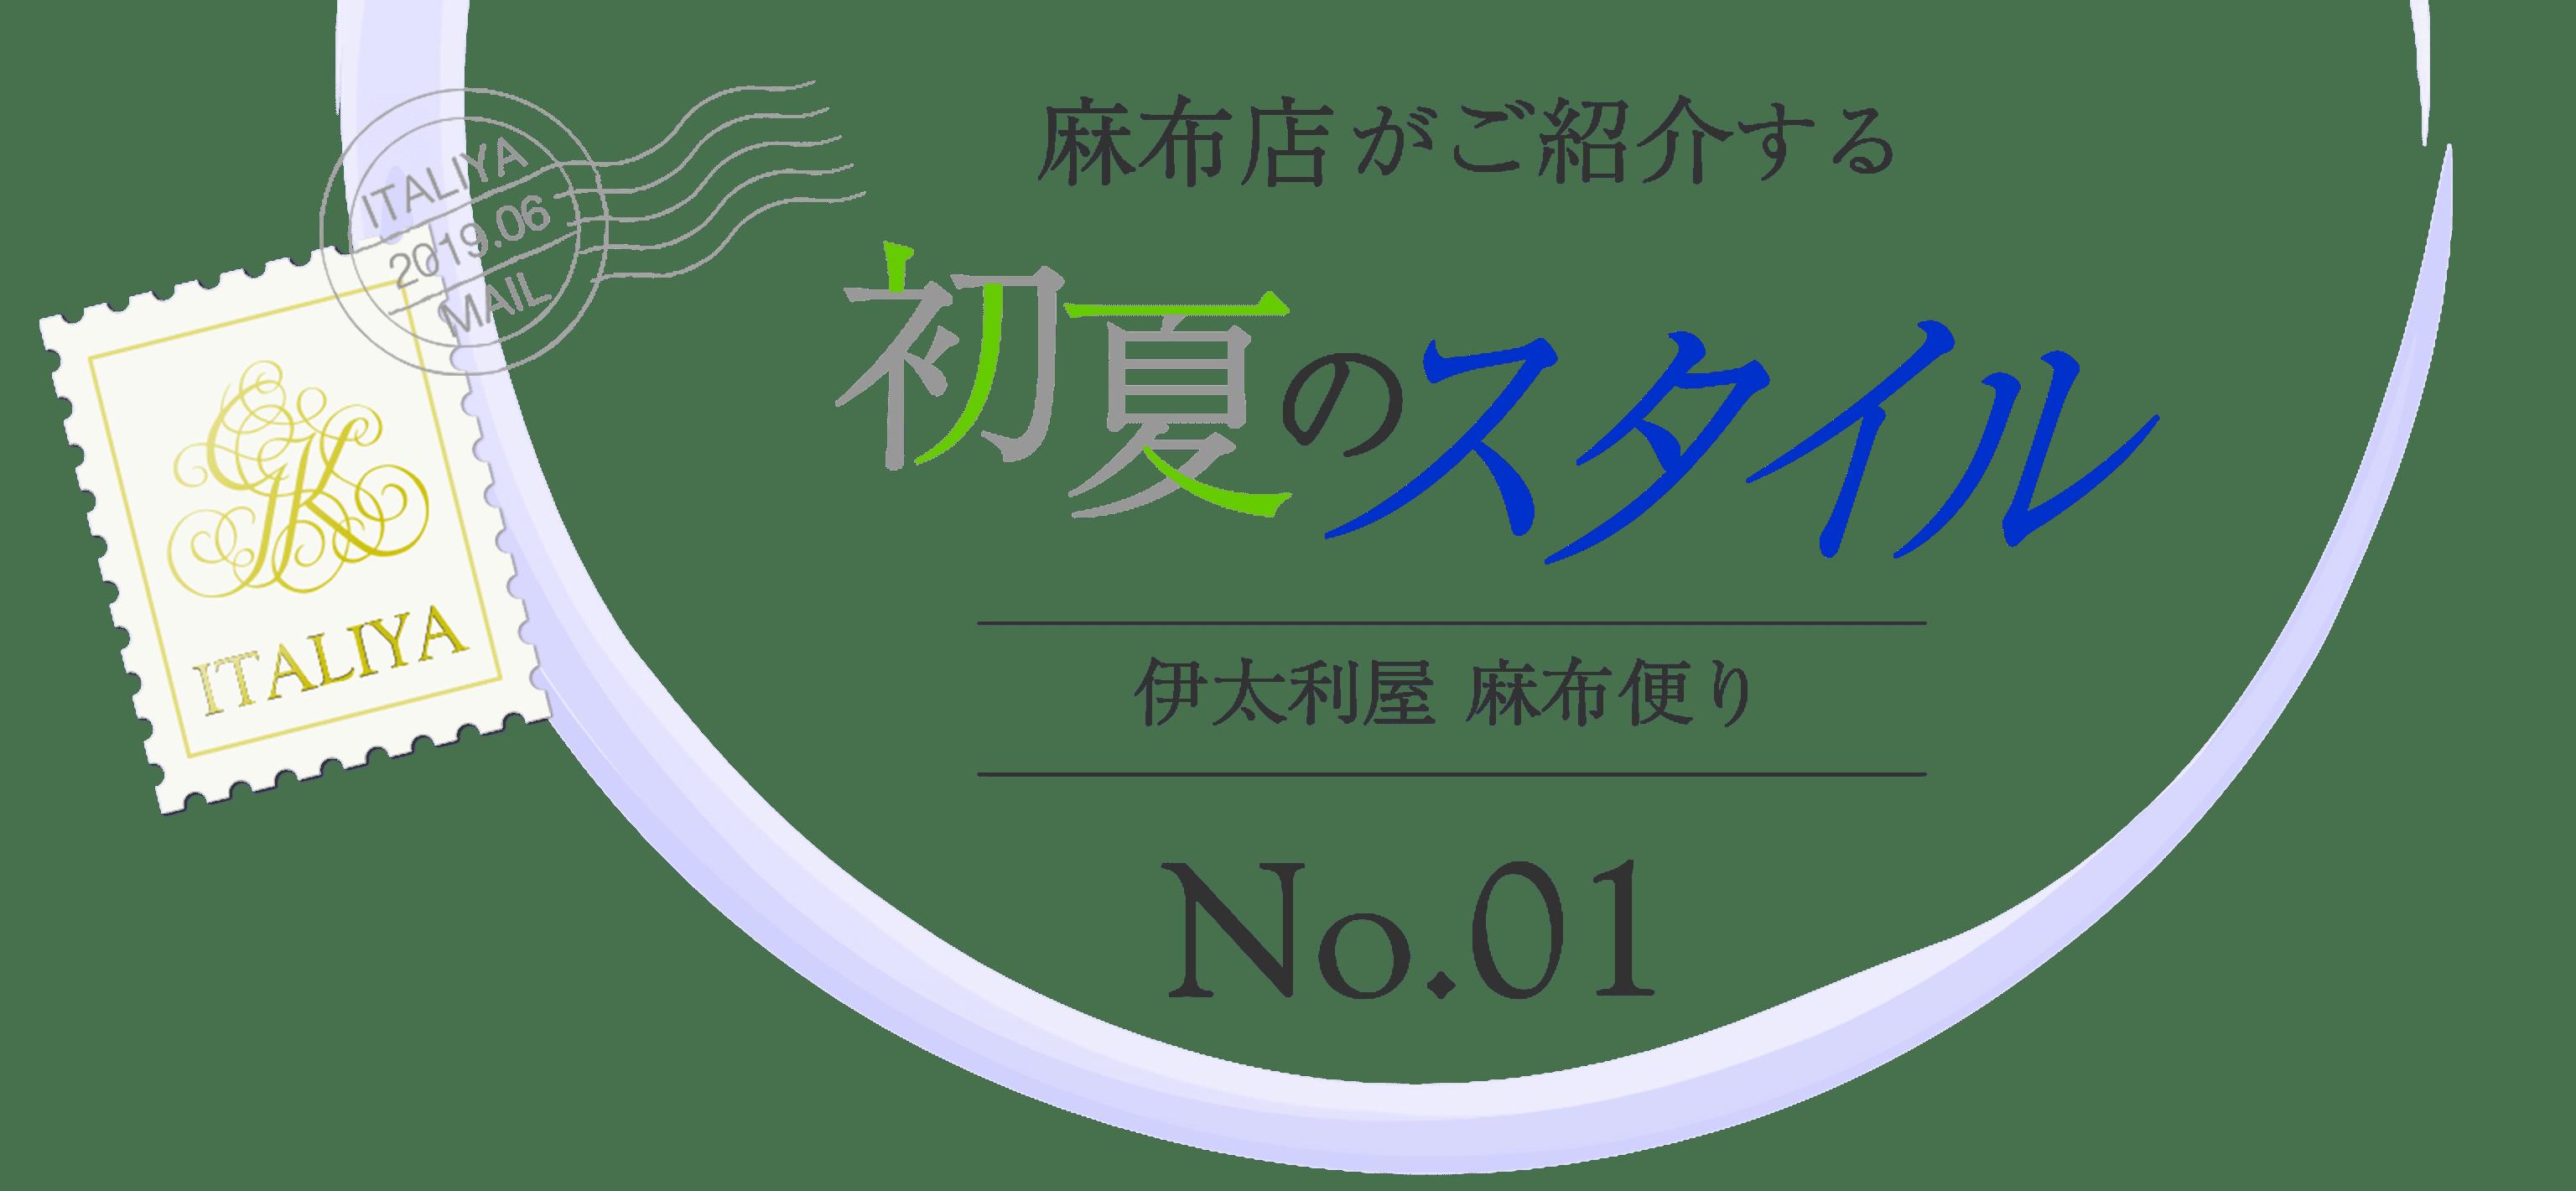 麻布店が紹介する「初夏のスタイル」〜伊太利屋麻布便り〜